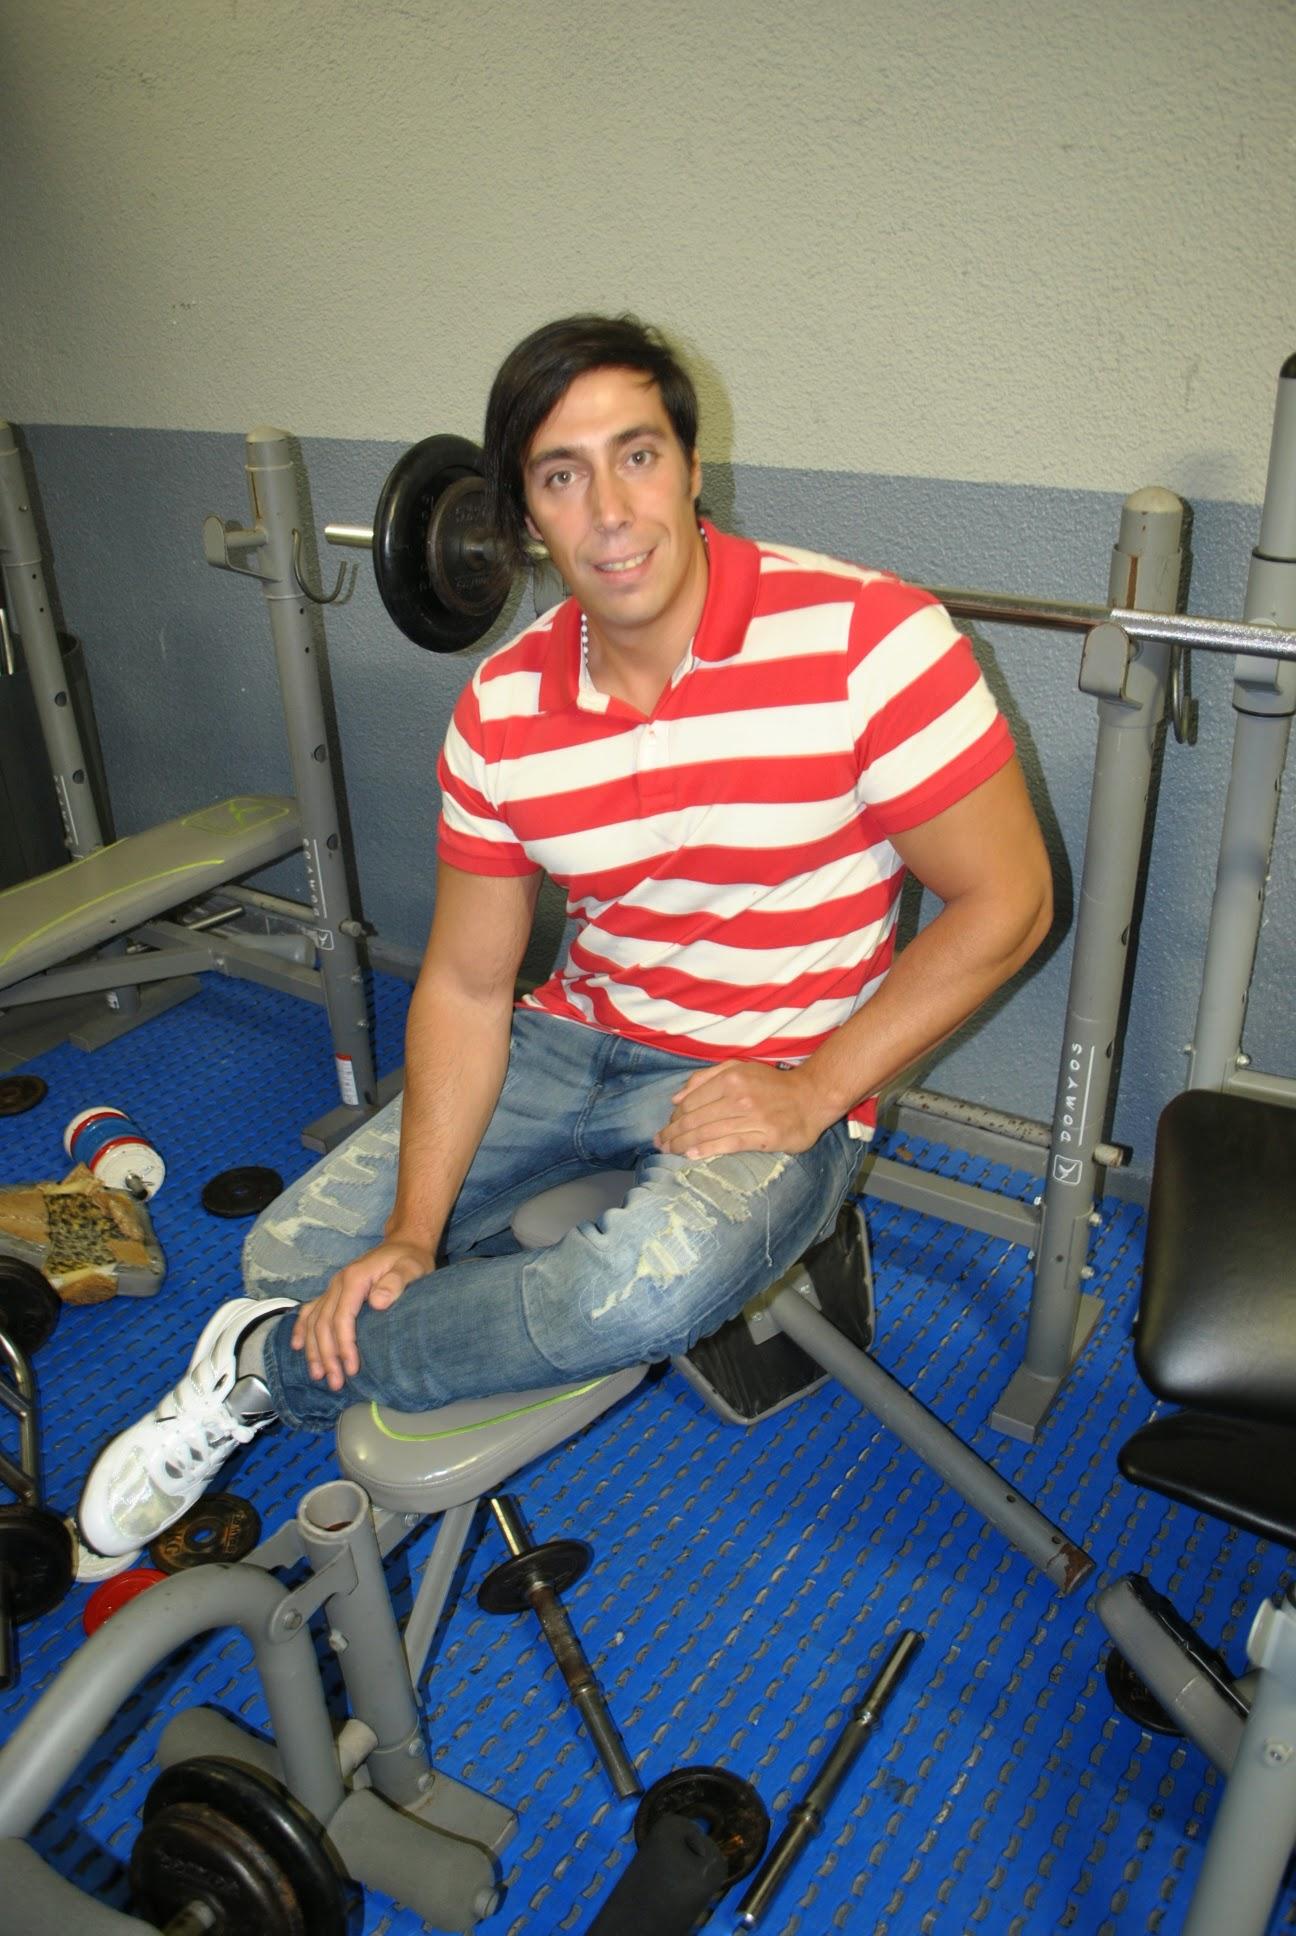 Dardo Rubina: «Venir a entrenar es llegar y cumplir; venir a entrenarse es venir a mejorar»